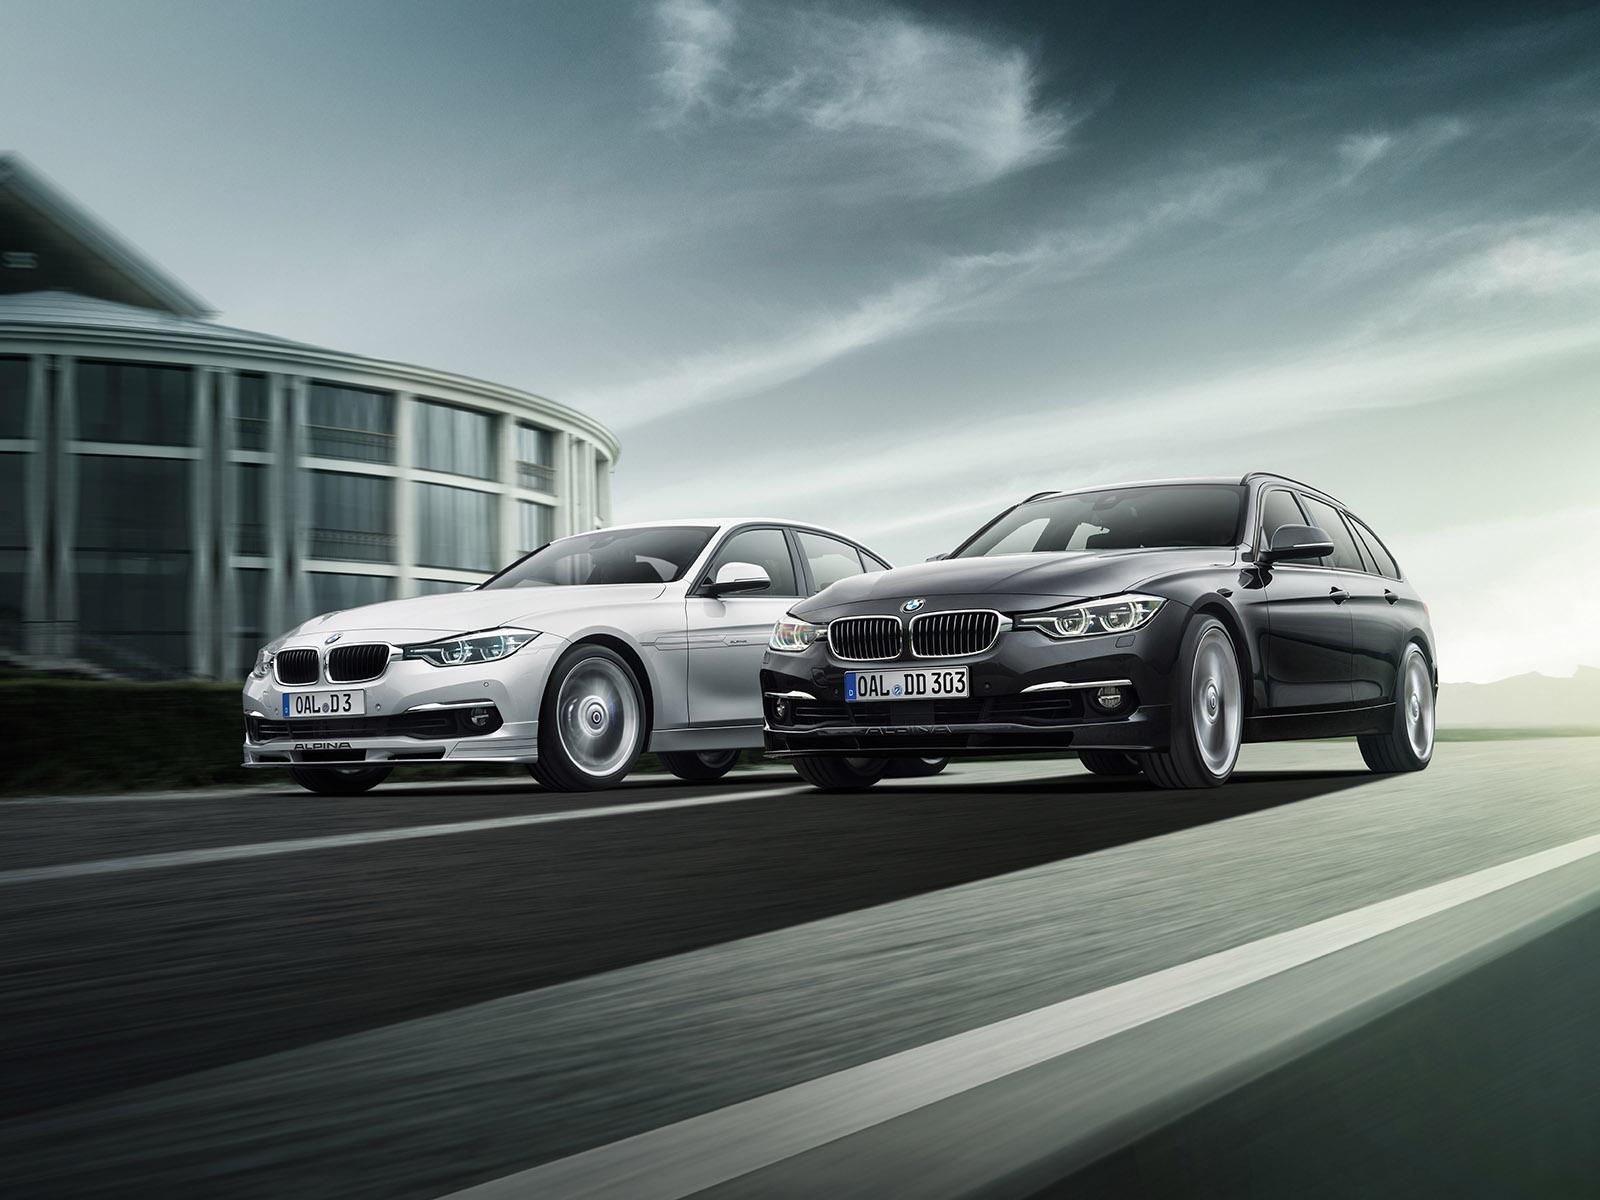 BMW ALPINA D3 BITURBO LCI 01